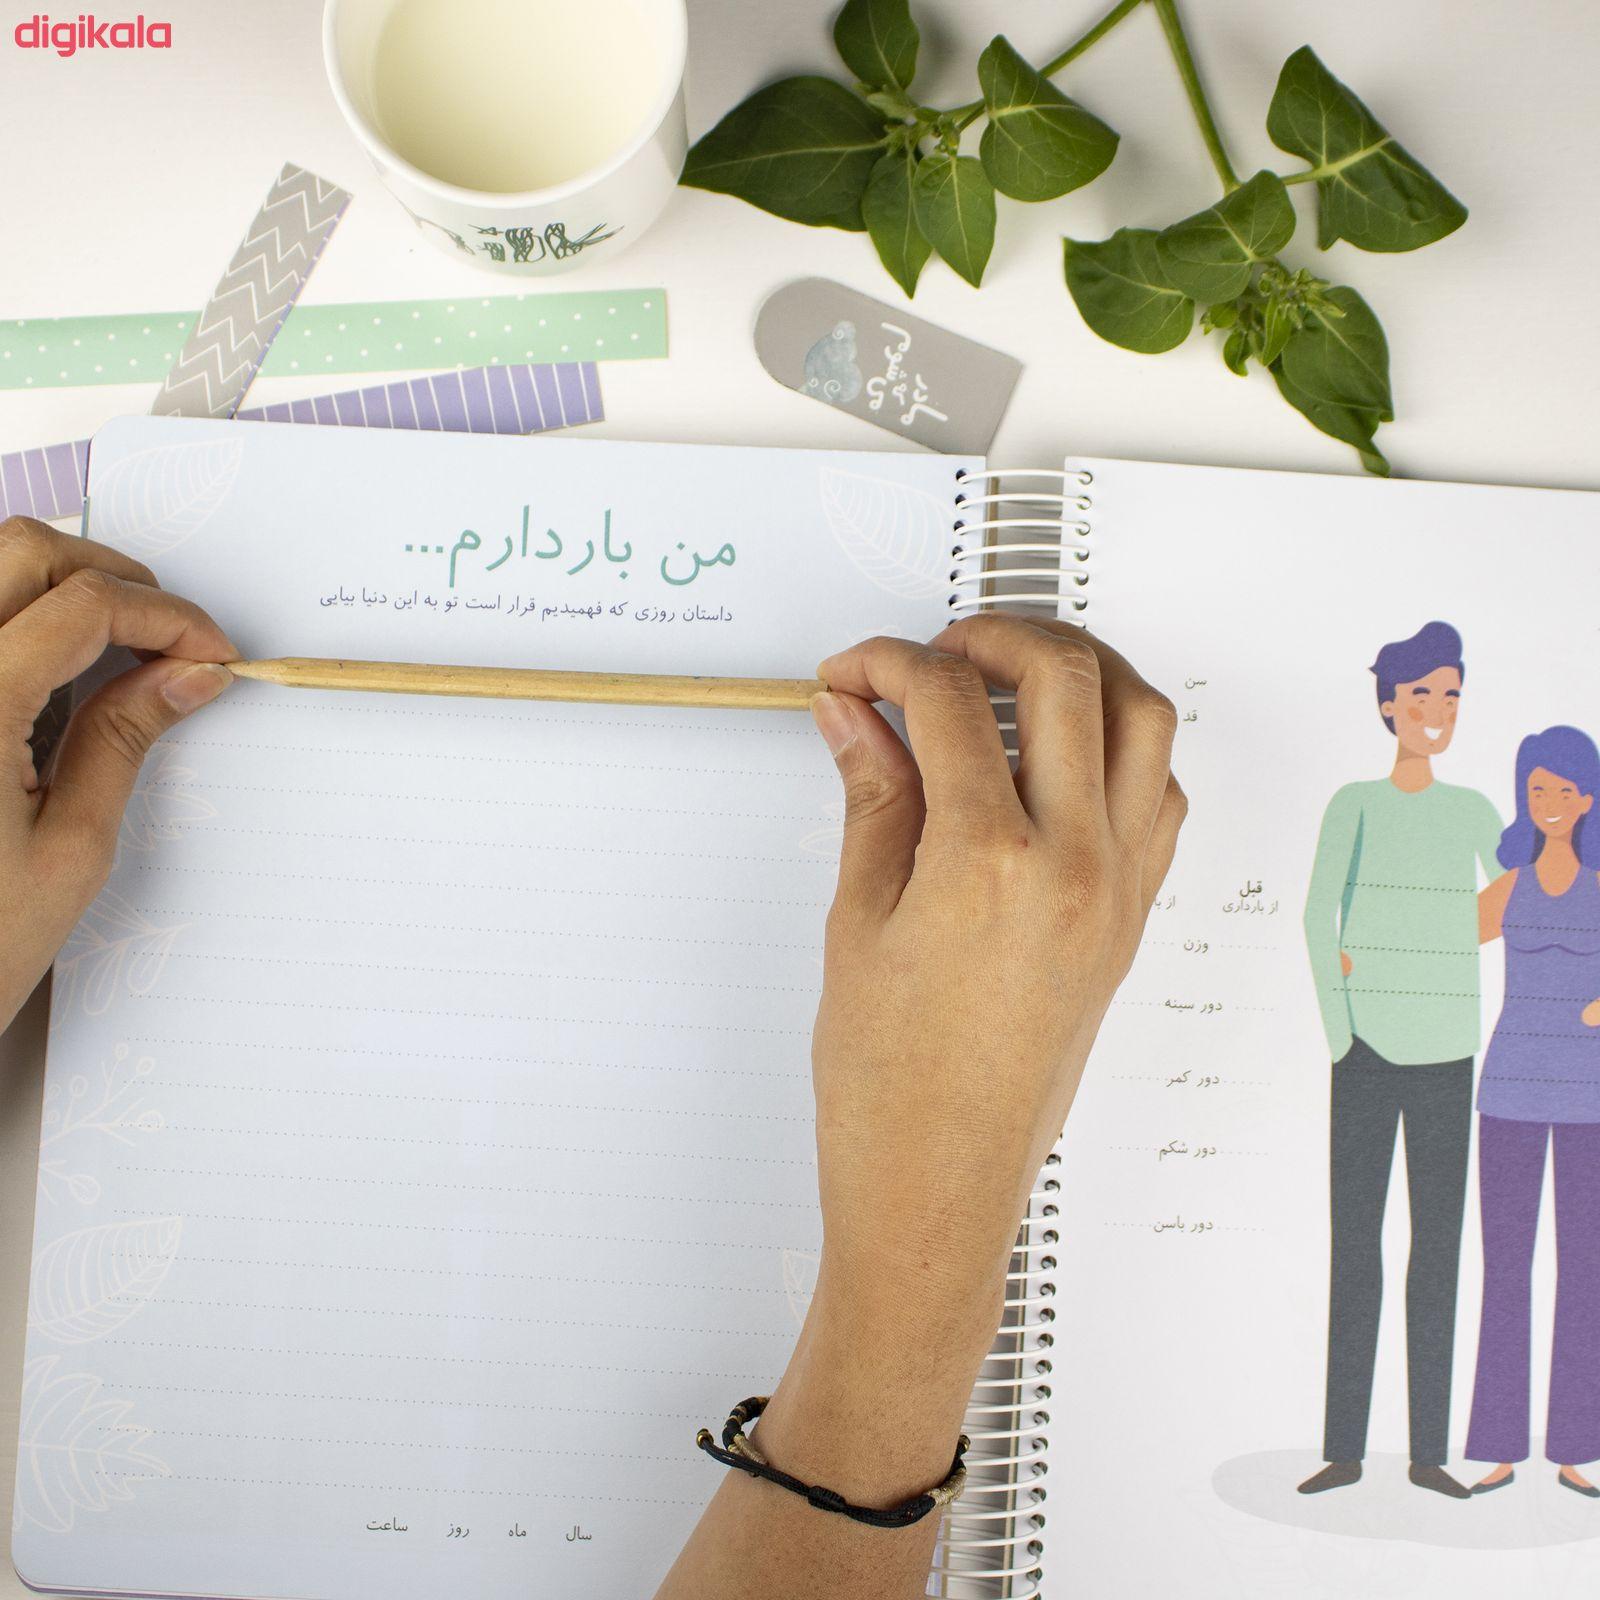 دفتر برنامه ریزی دی روحه مدل مادر که می شوم main 1 8